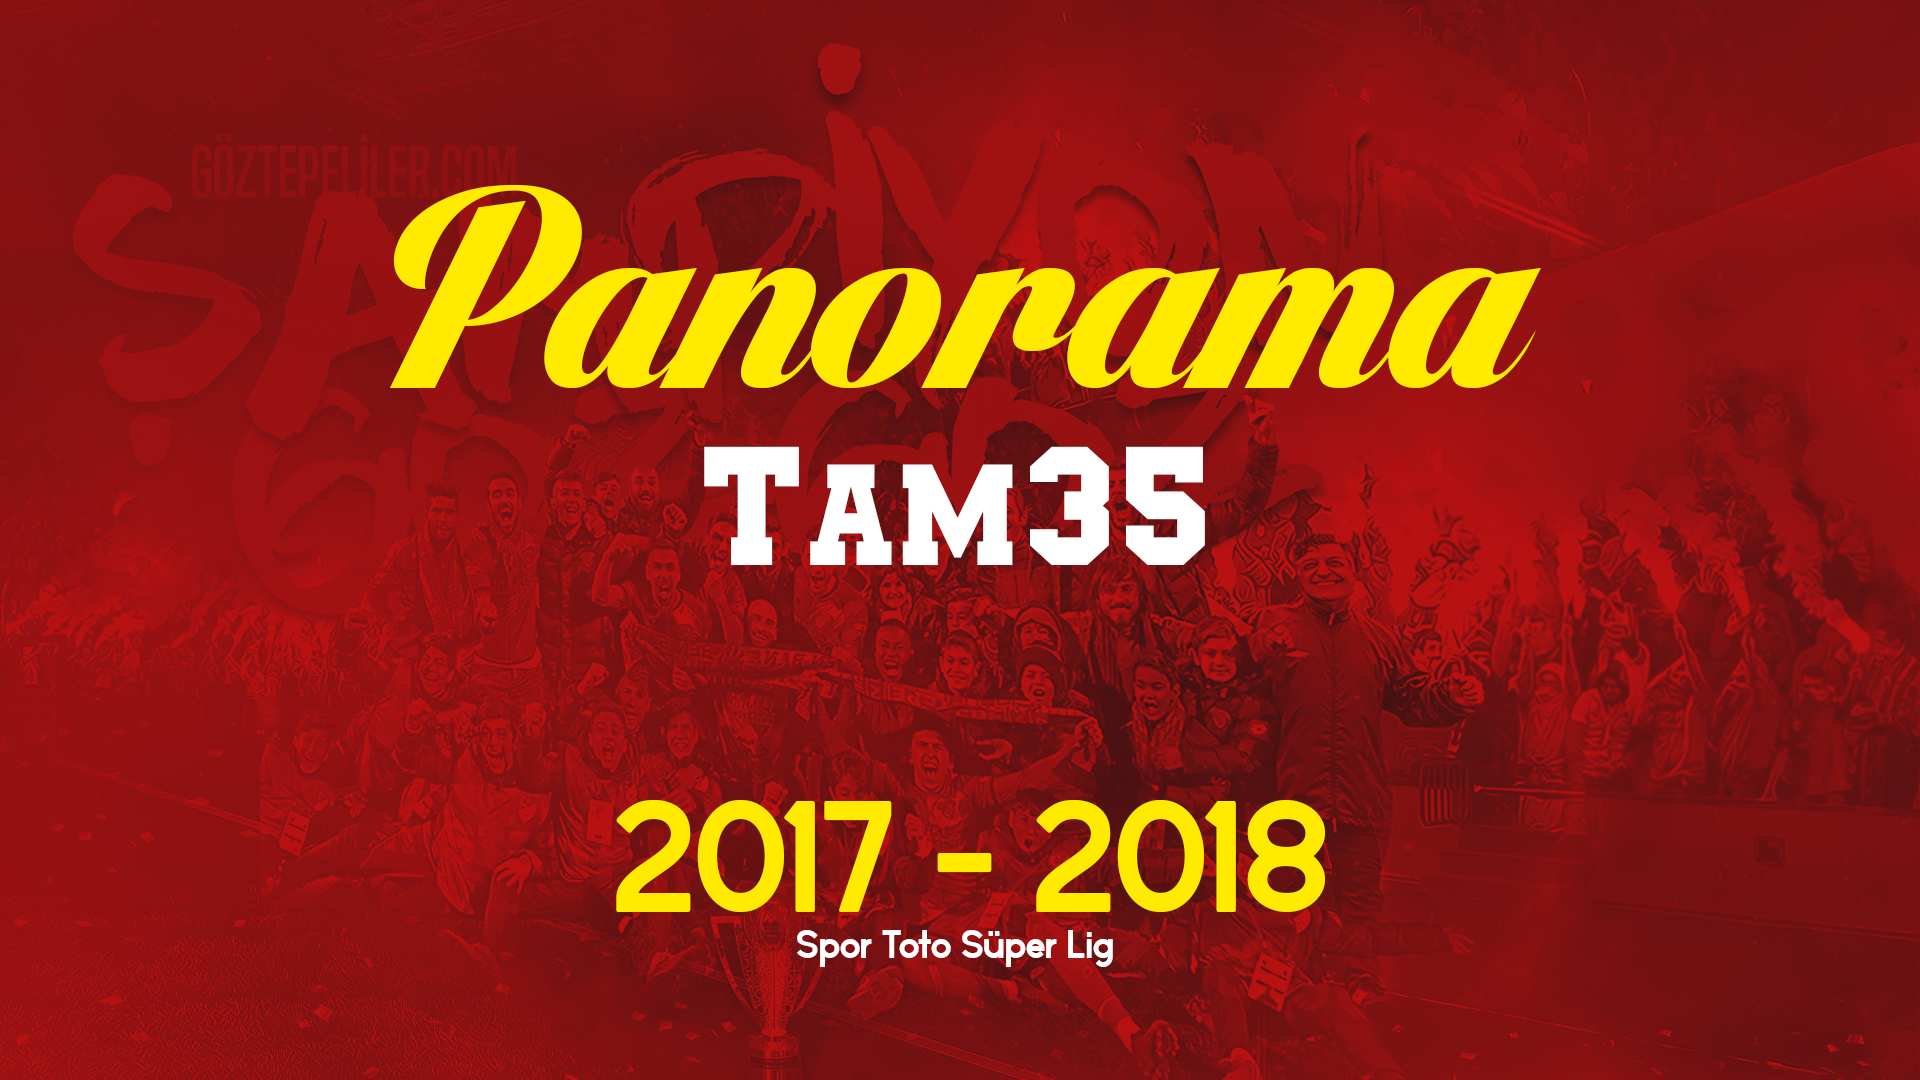 PANORAMA TAM 35